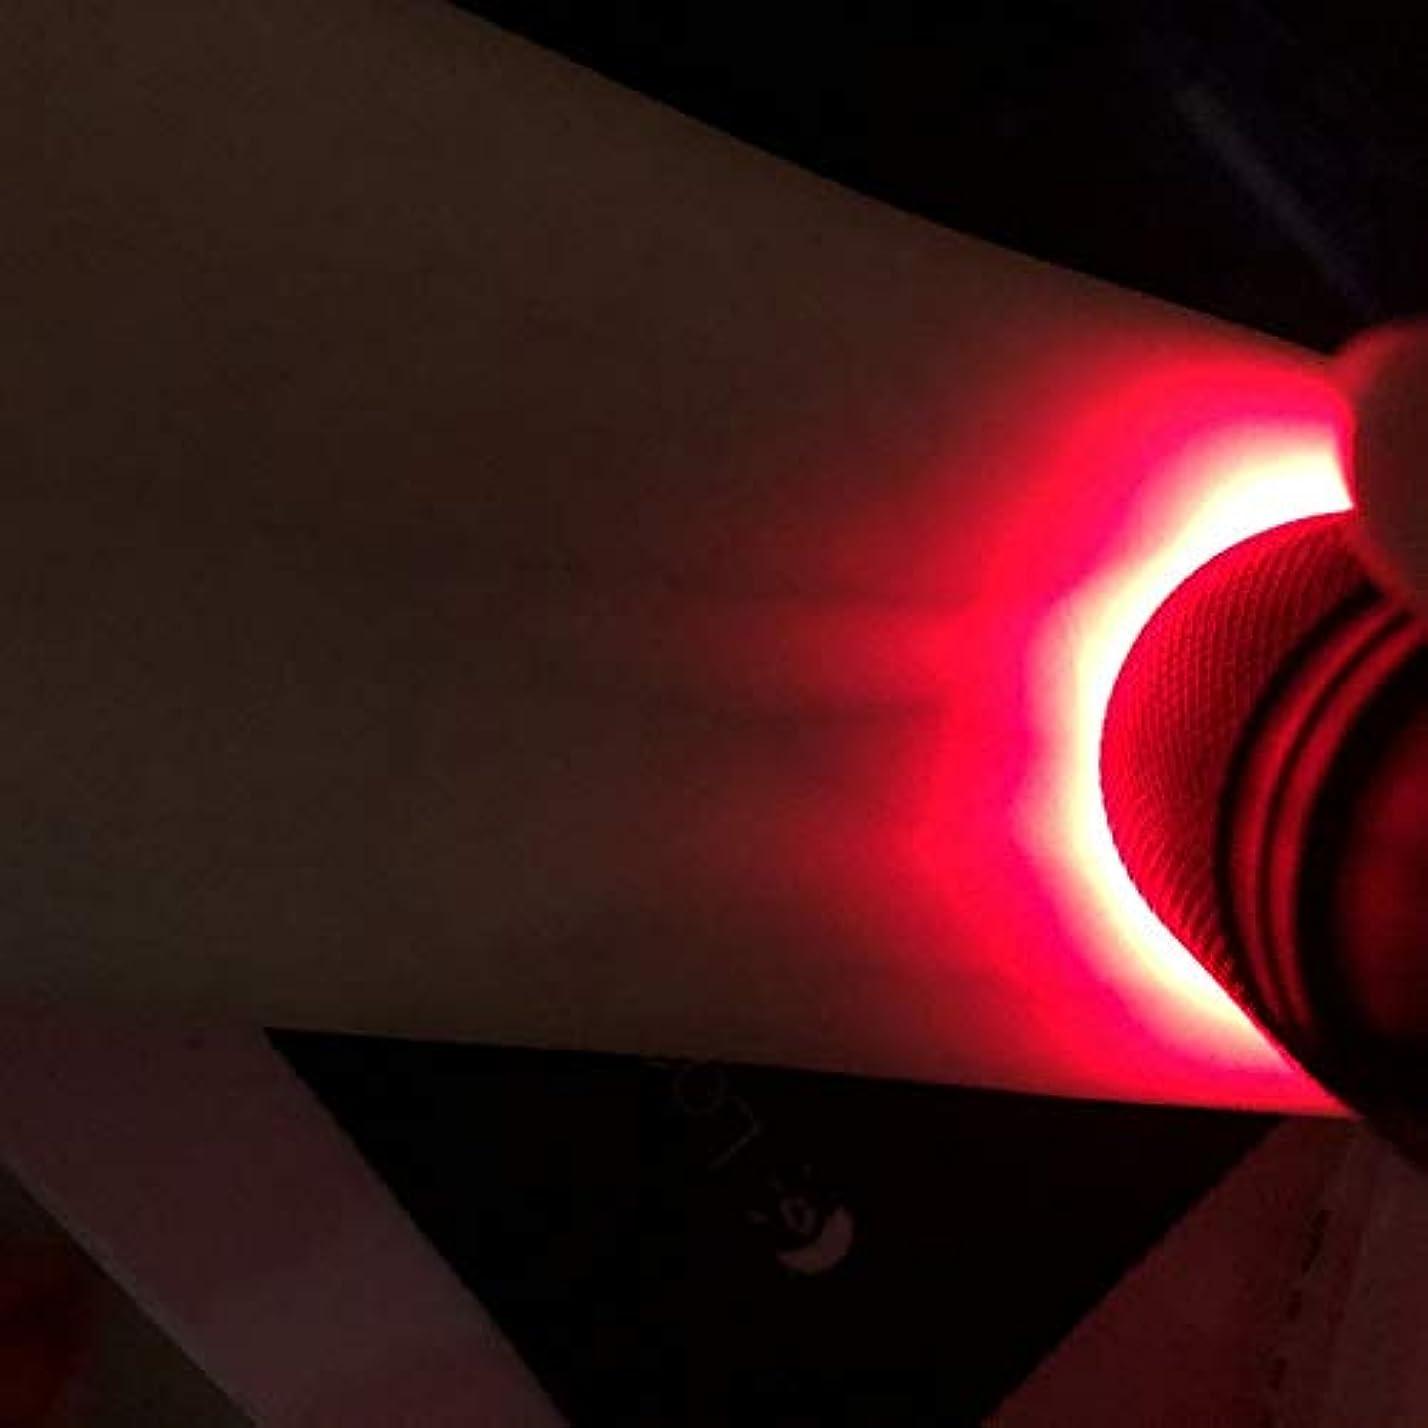 緊急星麺静脈イメージング懐中電灯血管ディスプレイ懐中電灯手穿刺による血管ライトの確認皮下静脈デバイスの発見が容易